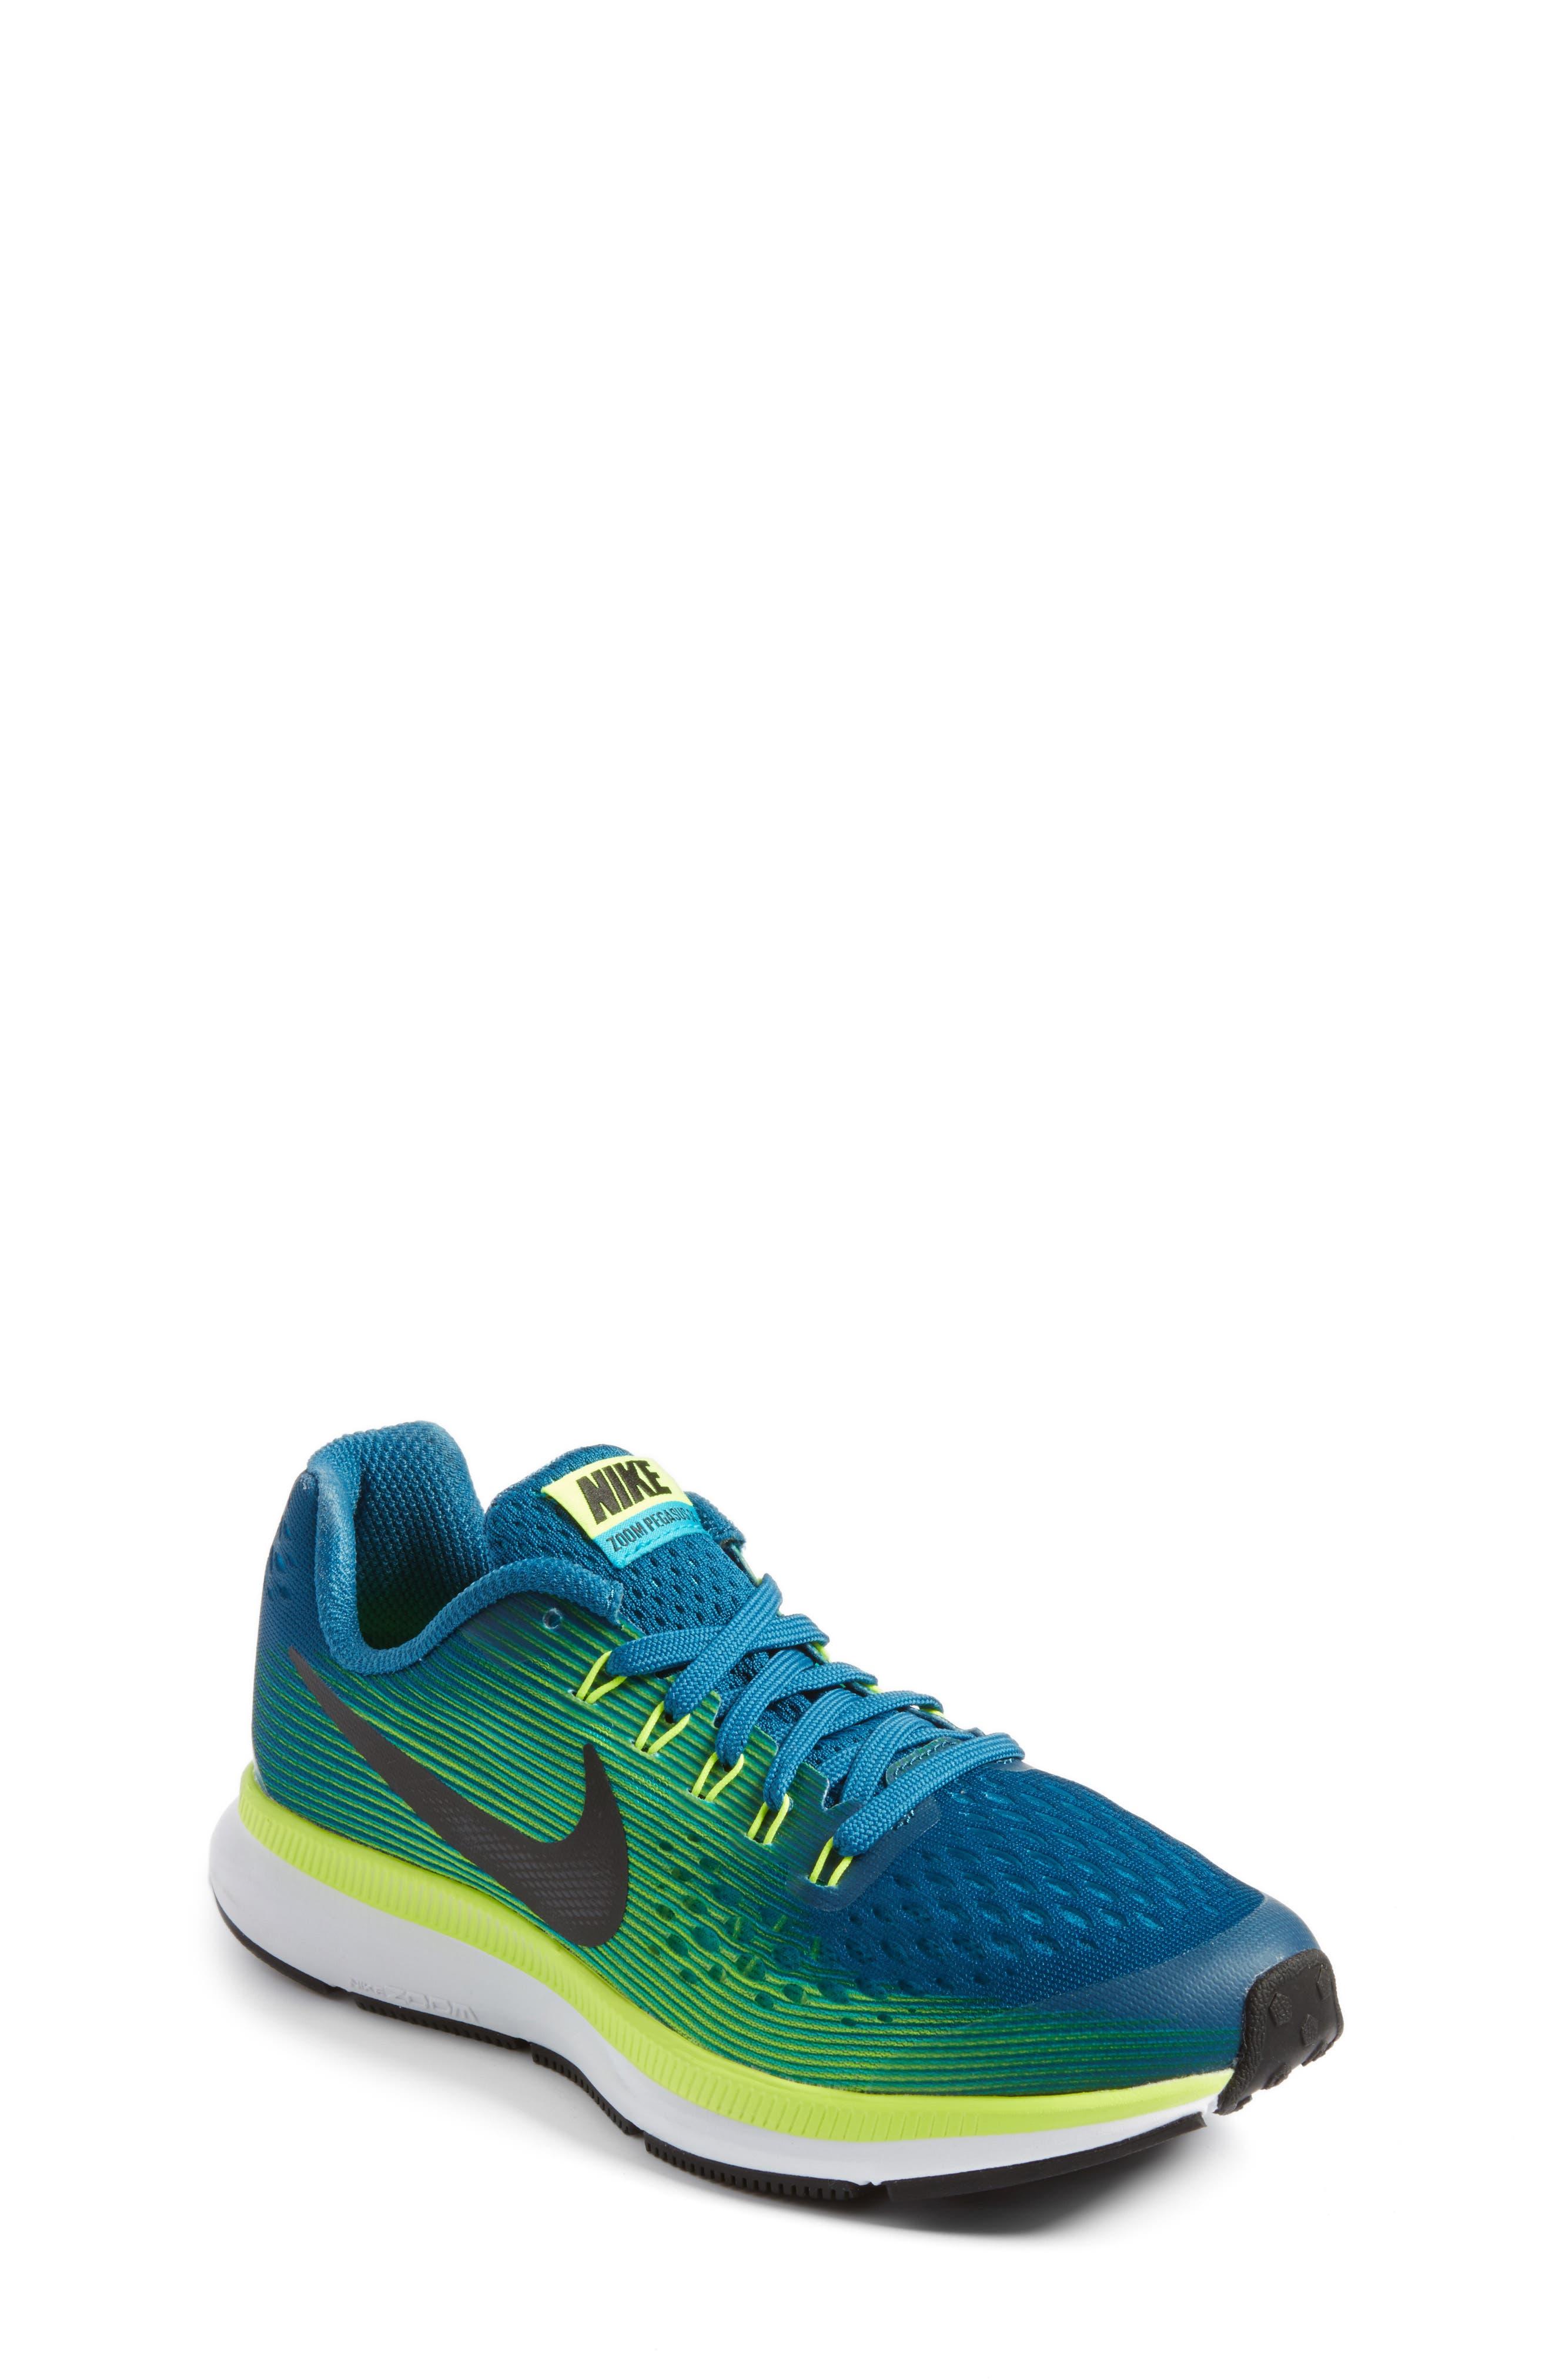 Nike Zoom Pegasus 34 Sneaker (Little Kid & Big Kid)